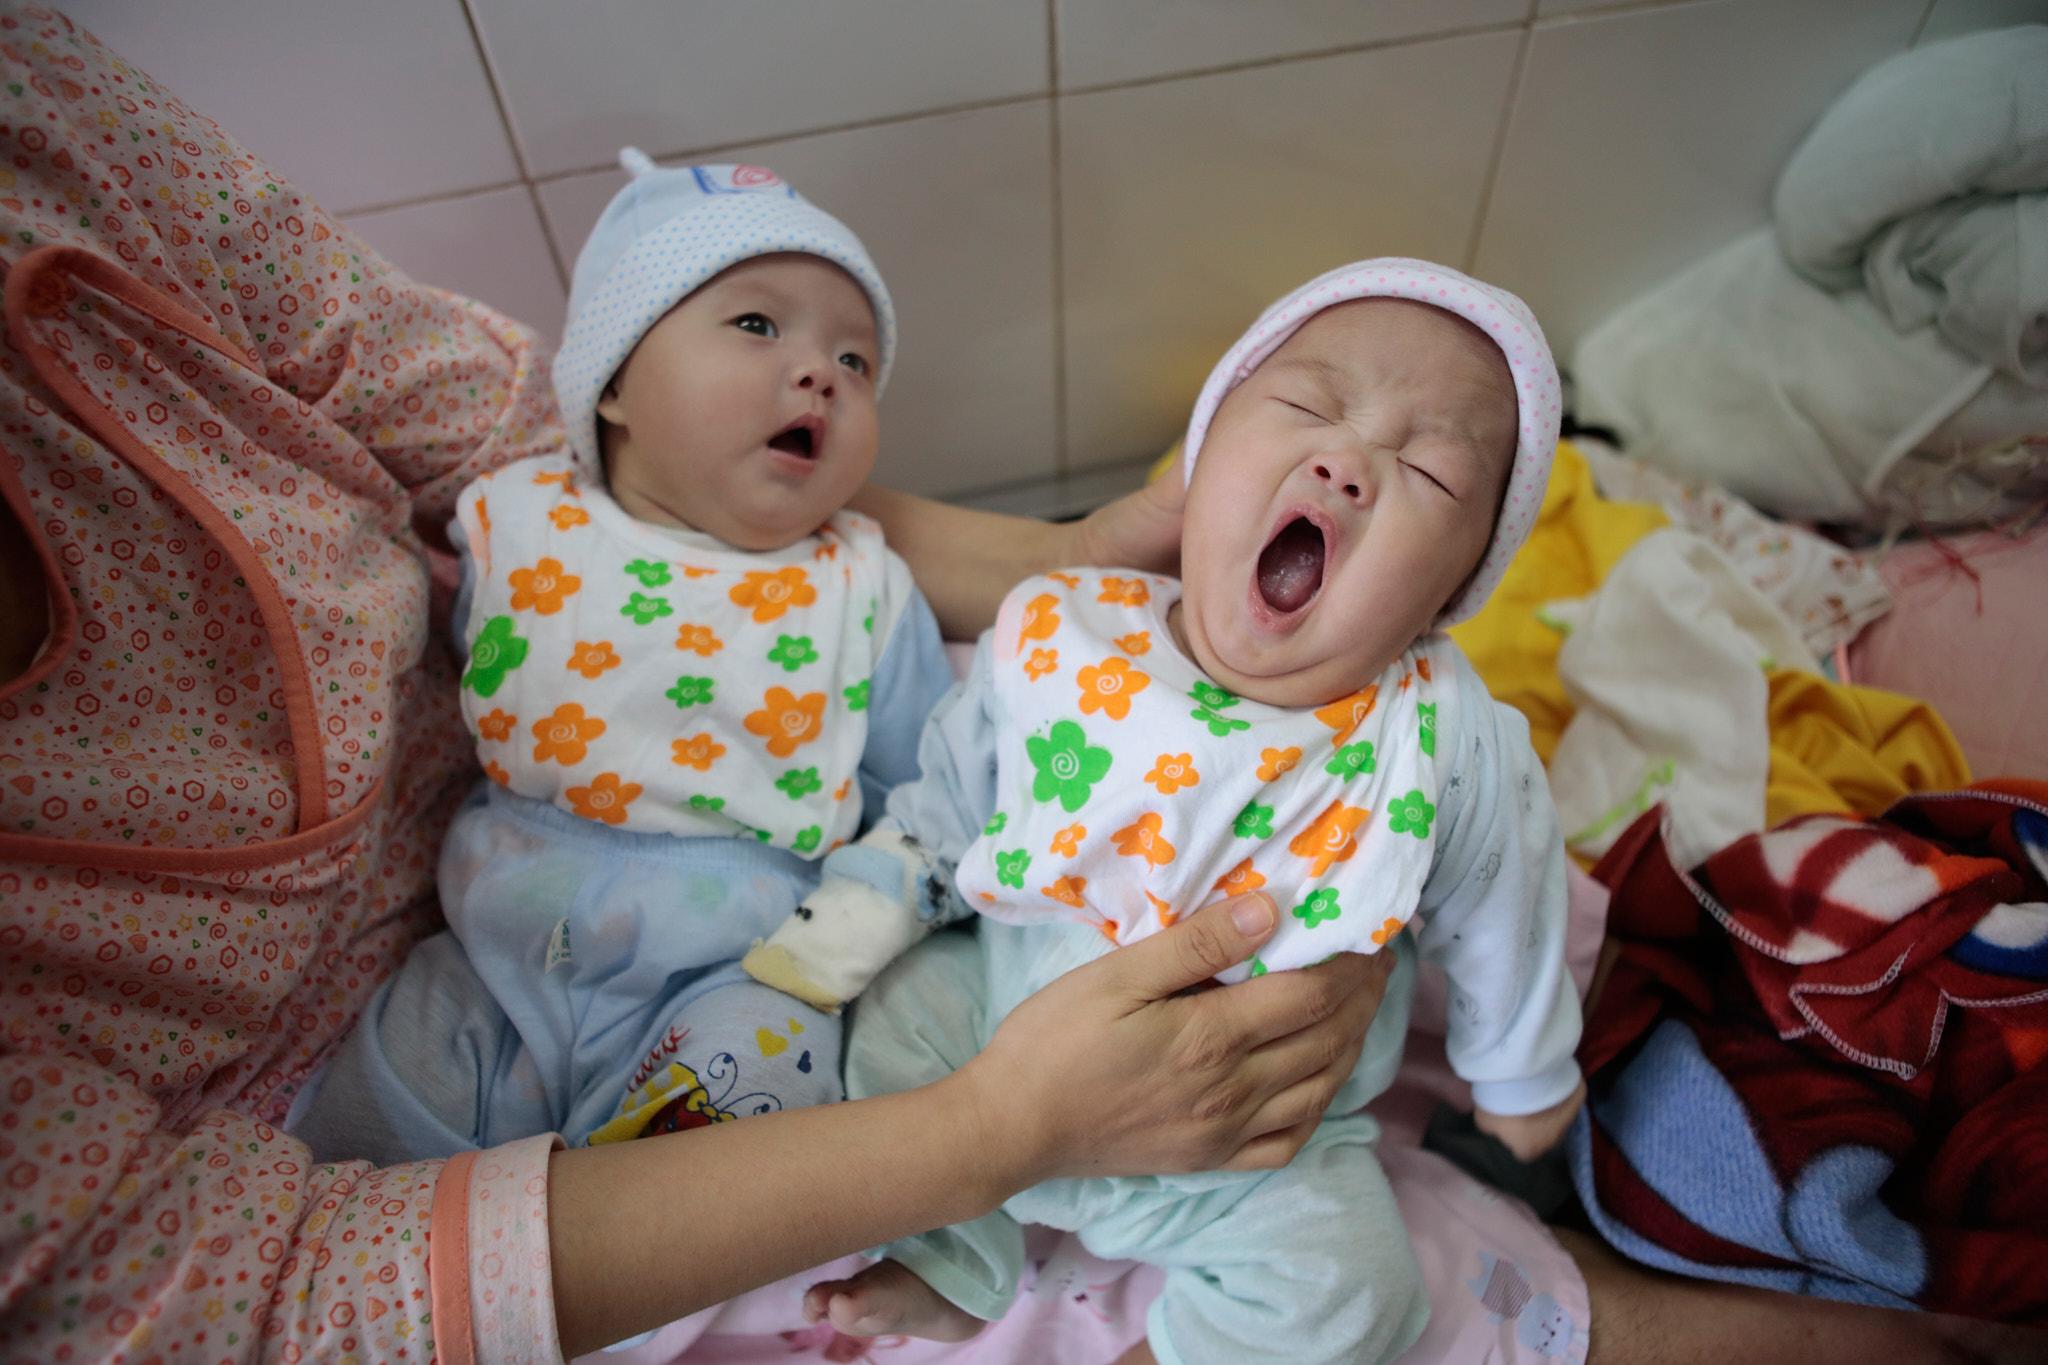 Chuyện ghi chép trong bệnh viện: Sự diệu kỳ của trái tim người mẹ, tột cùng mềm mỏng, rất đỗi kiên cường - Ảnh 5.